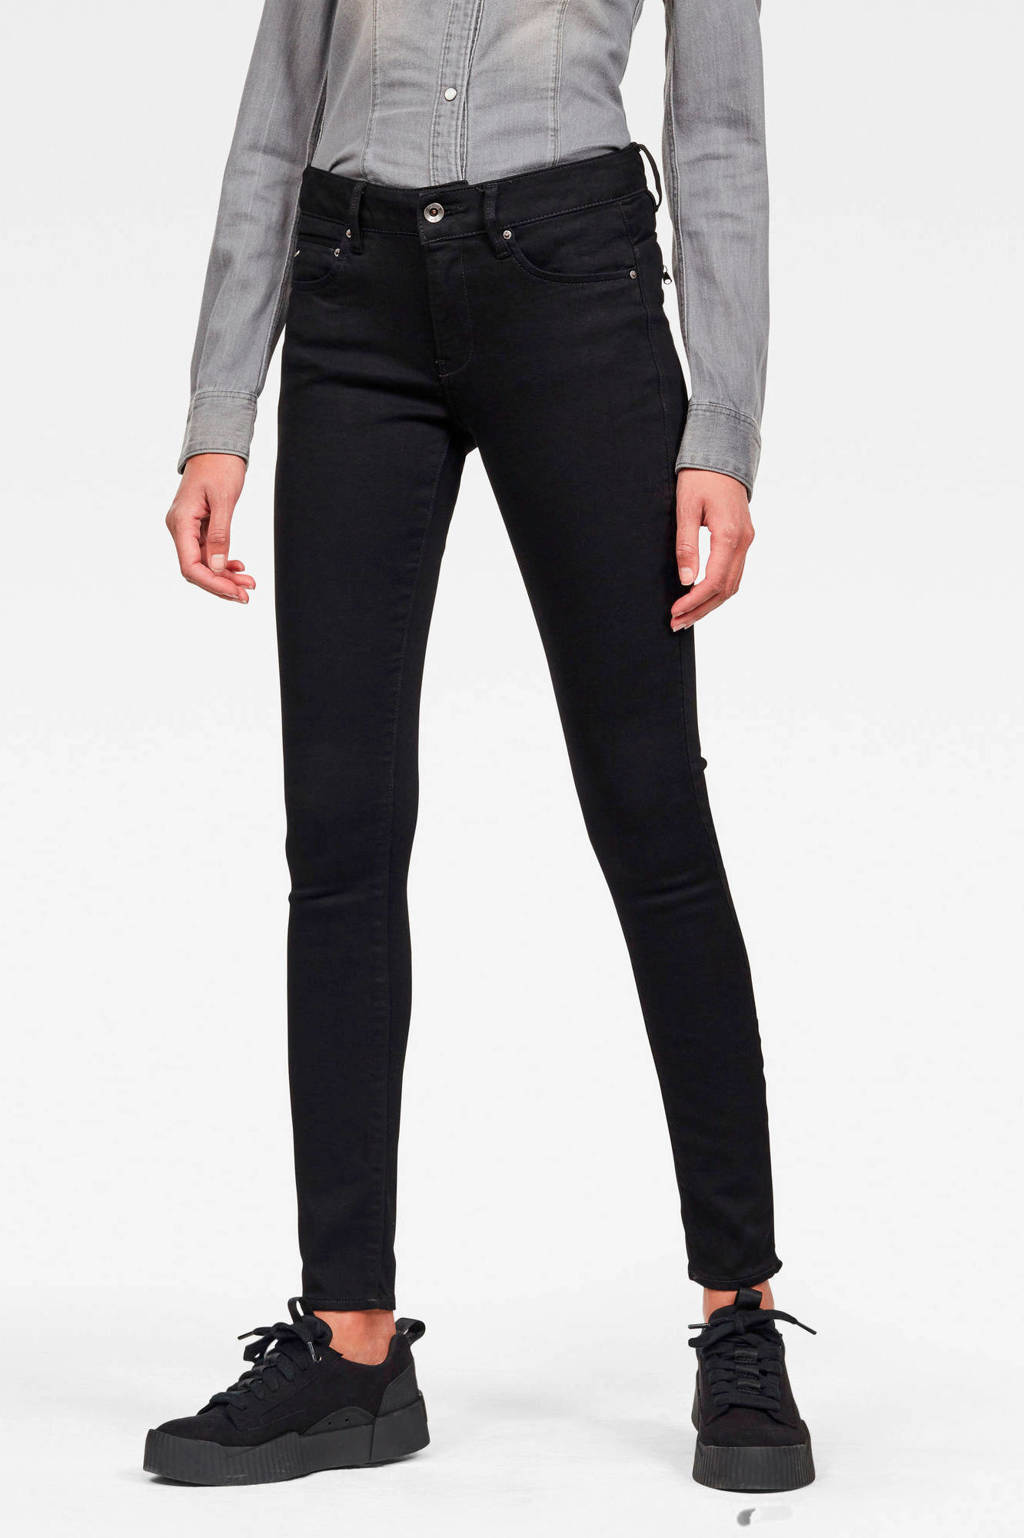 G-Star RAW skinny jeans Midge Zip pitch black, PITCH BLACK